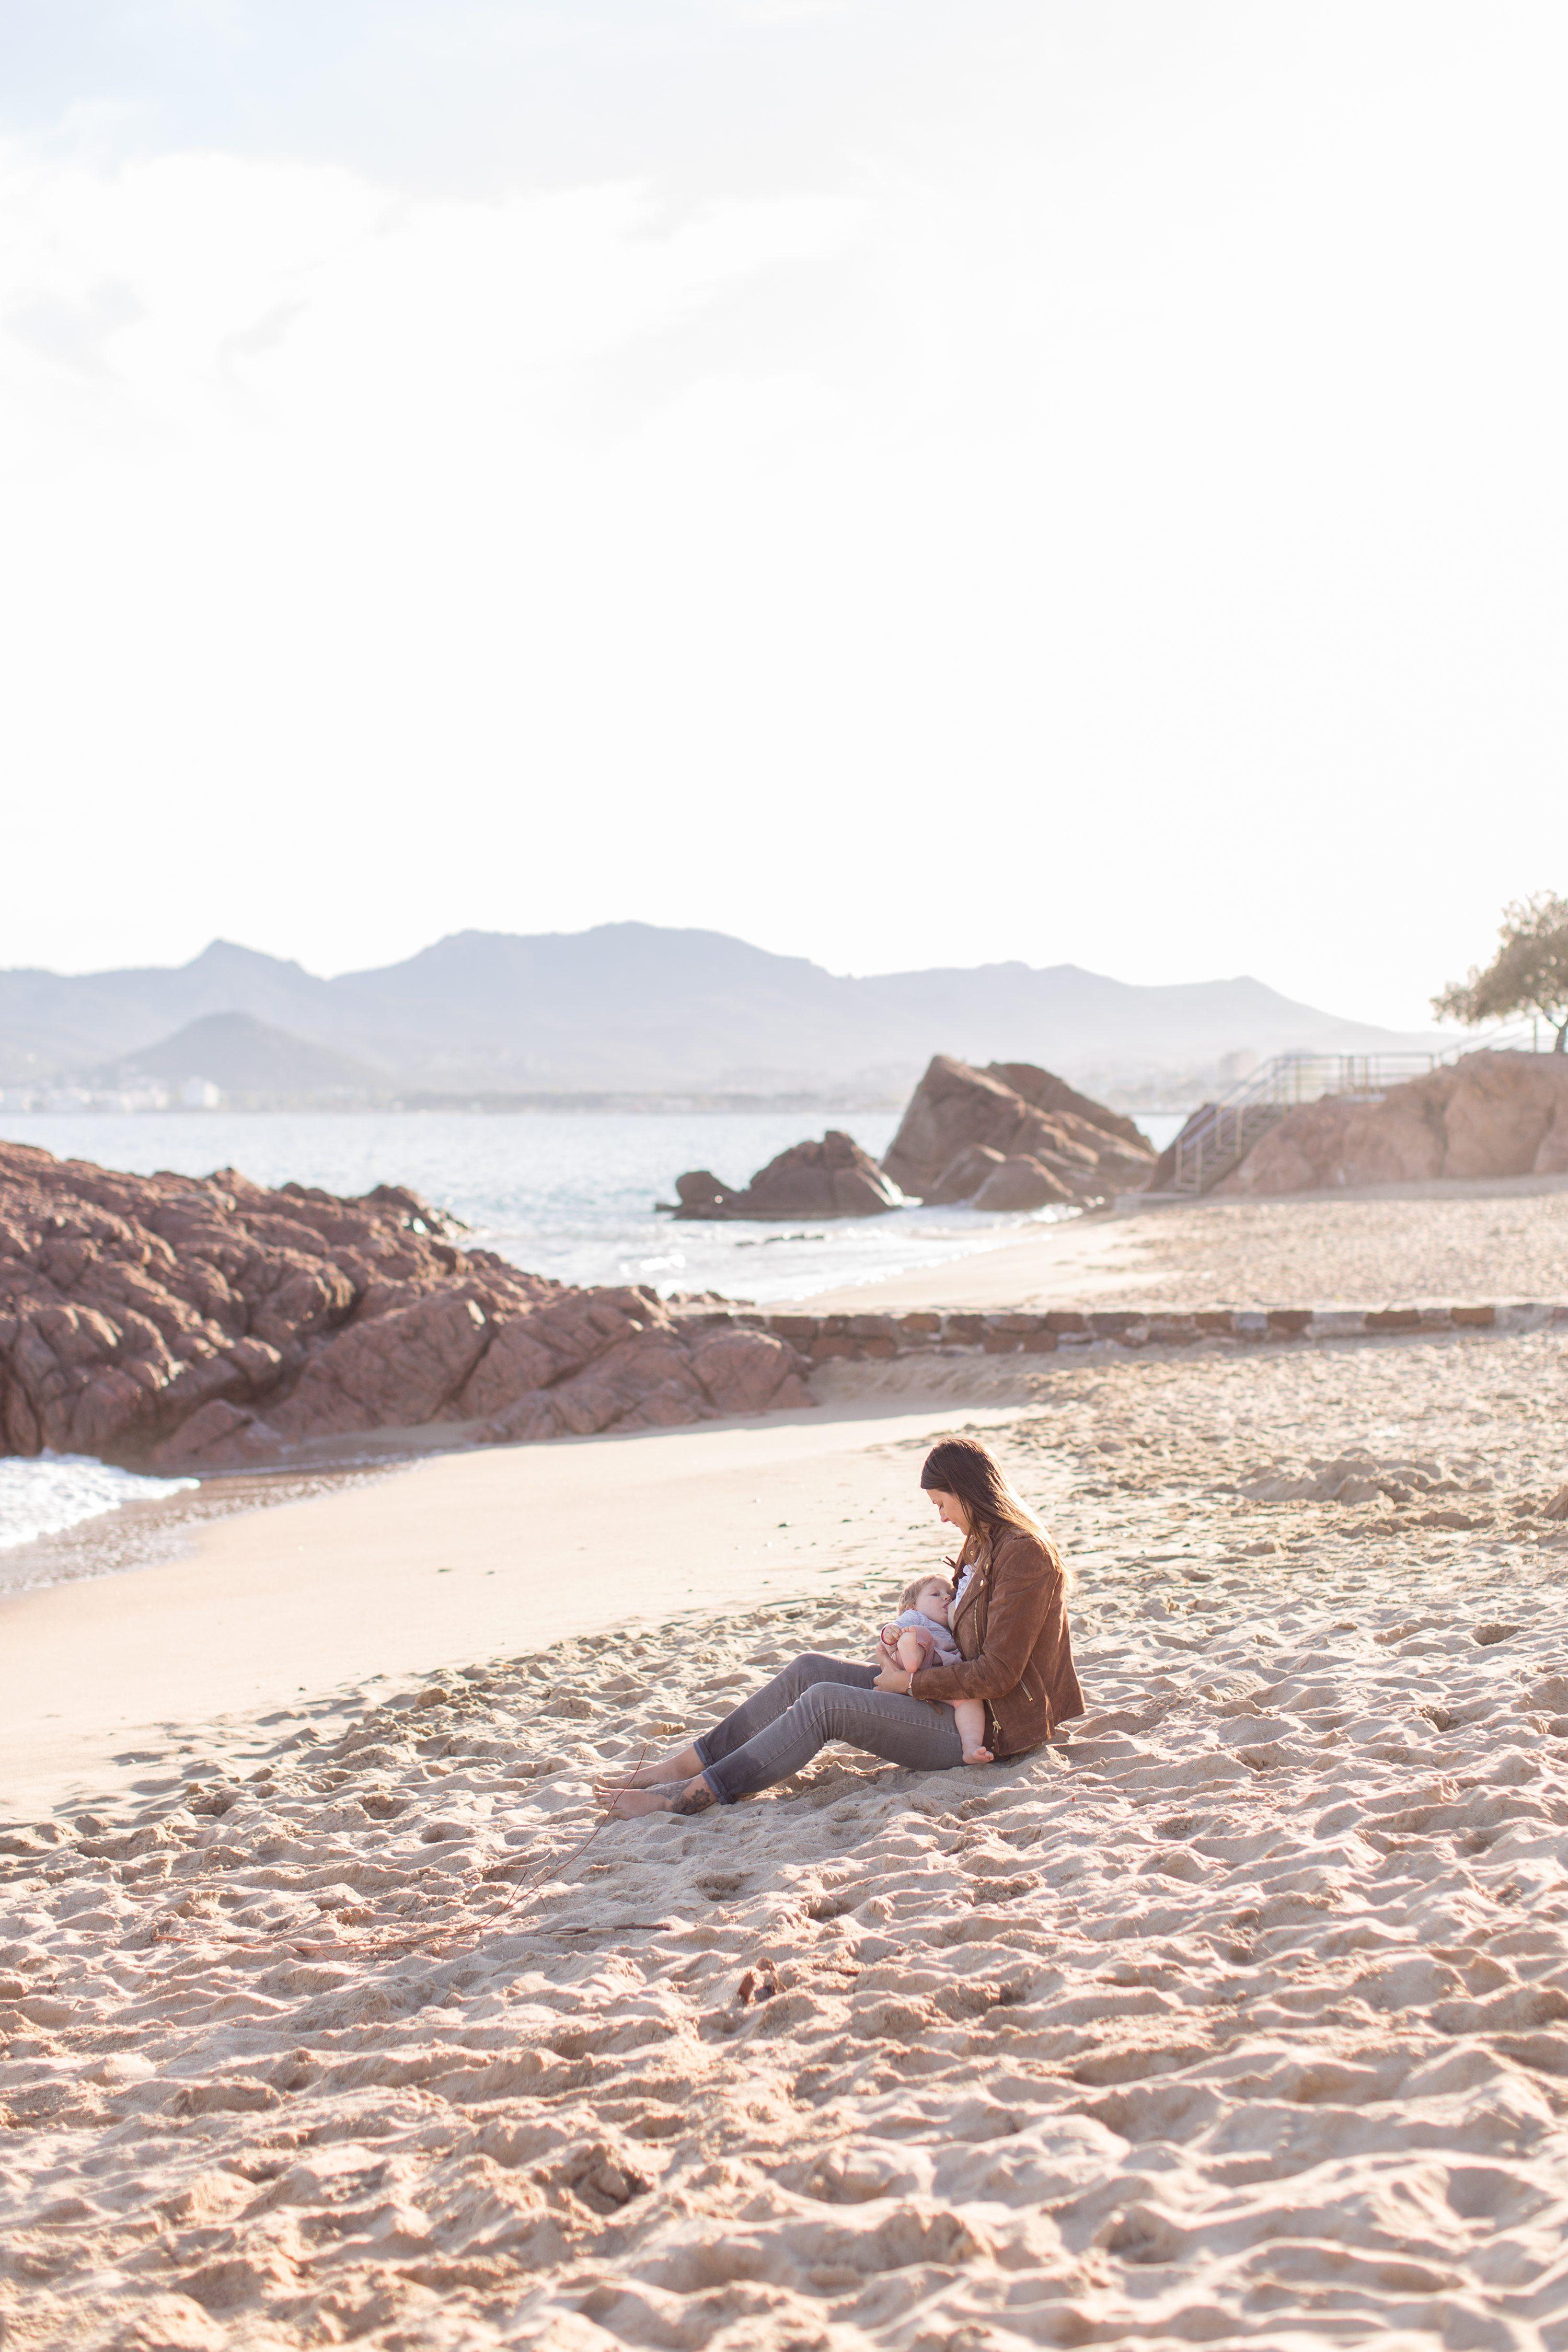 Séance photo plage Cannes,Shooting mère-fille Cannes